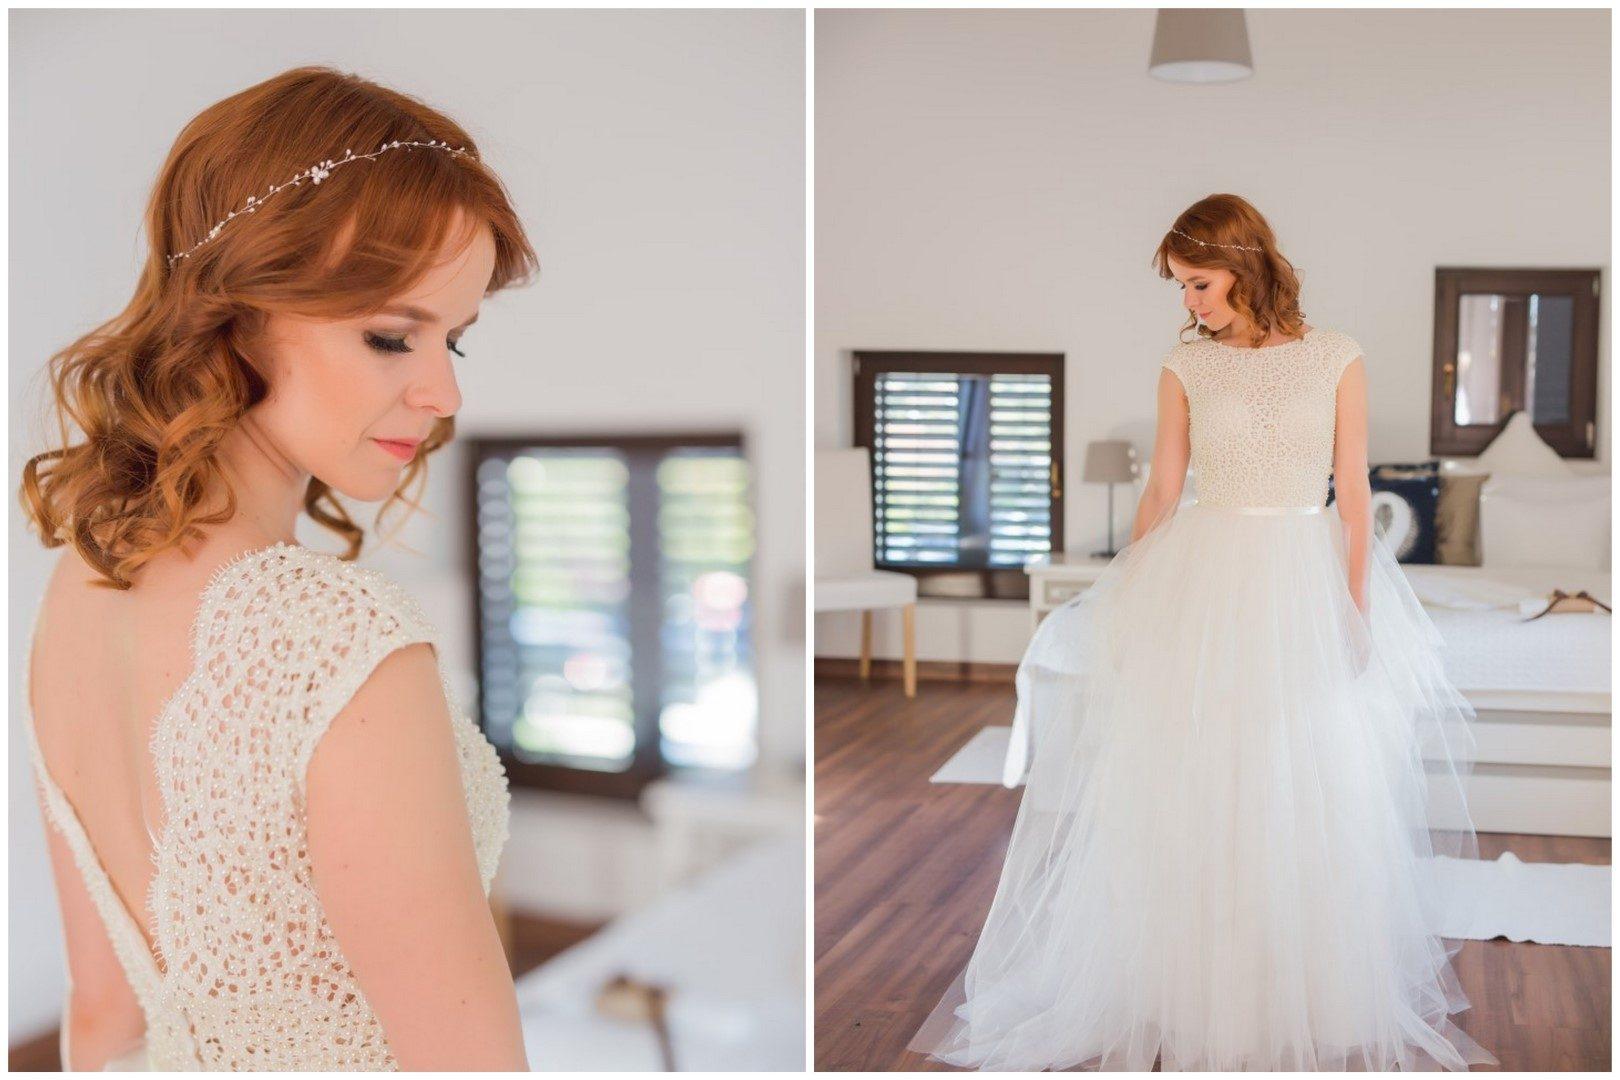 ,valódi esküvő,esküvő,esküvői beszámoló,esküvői fotók,daalarna ruha,